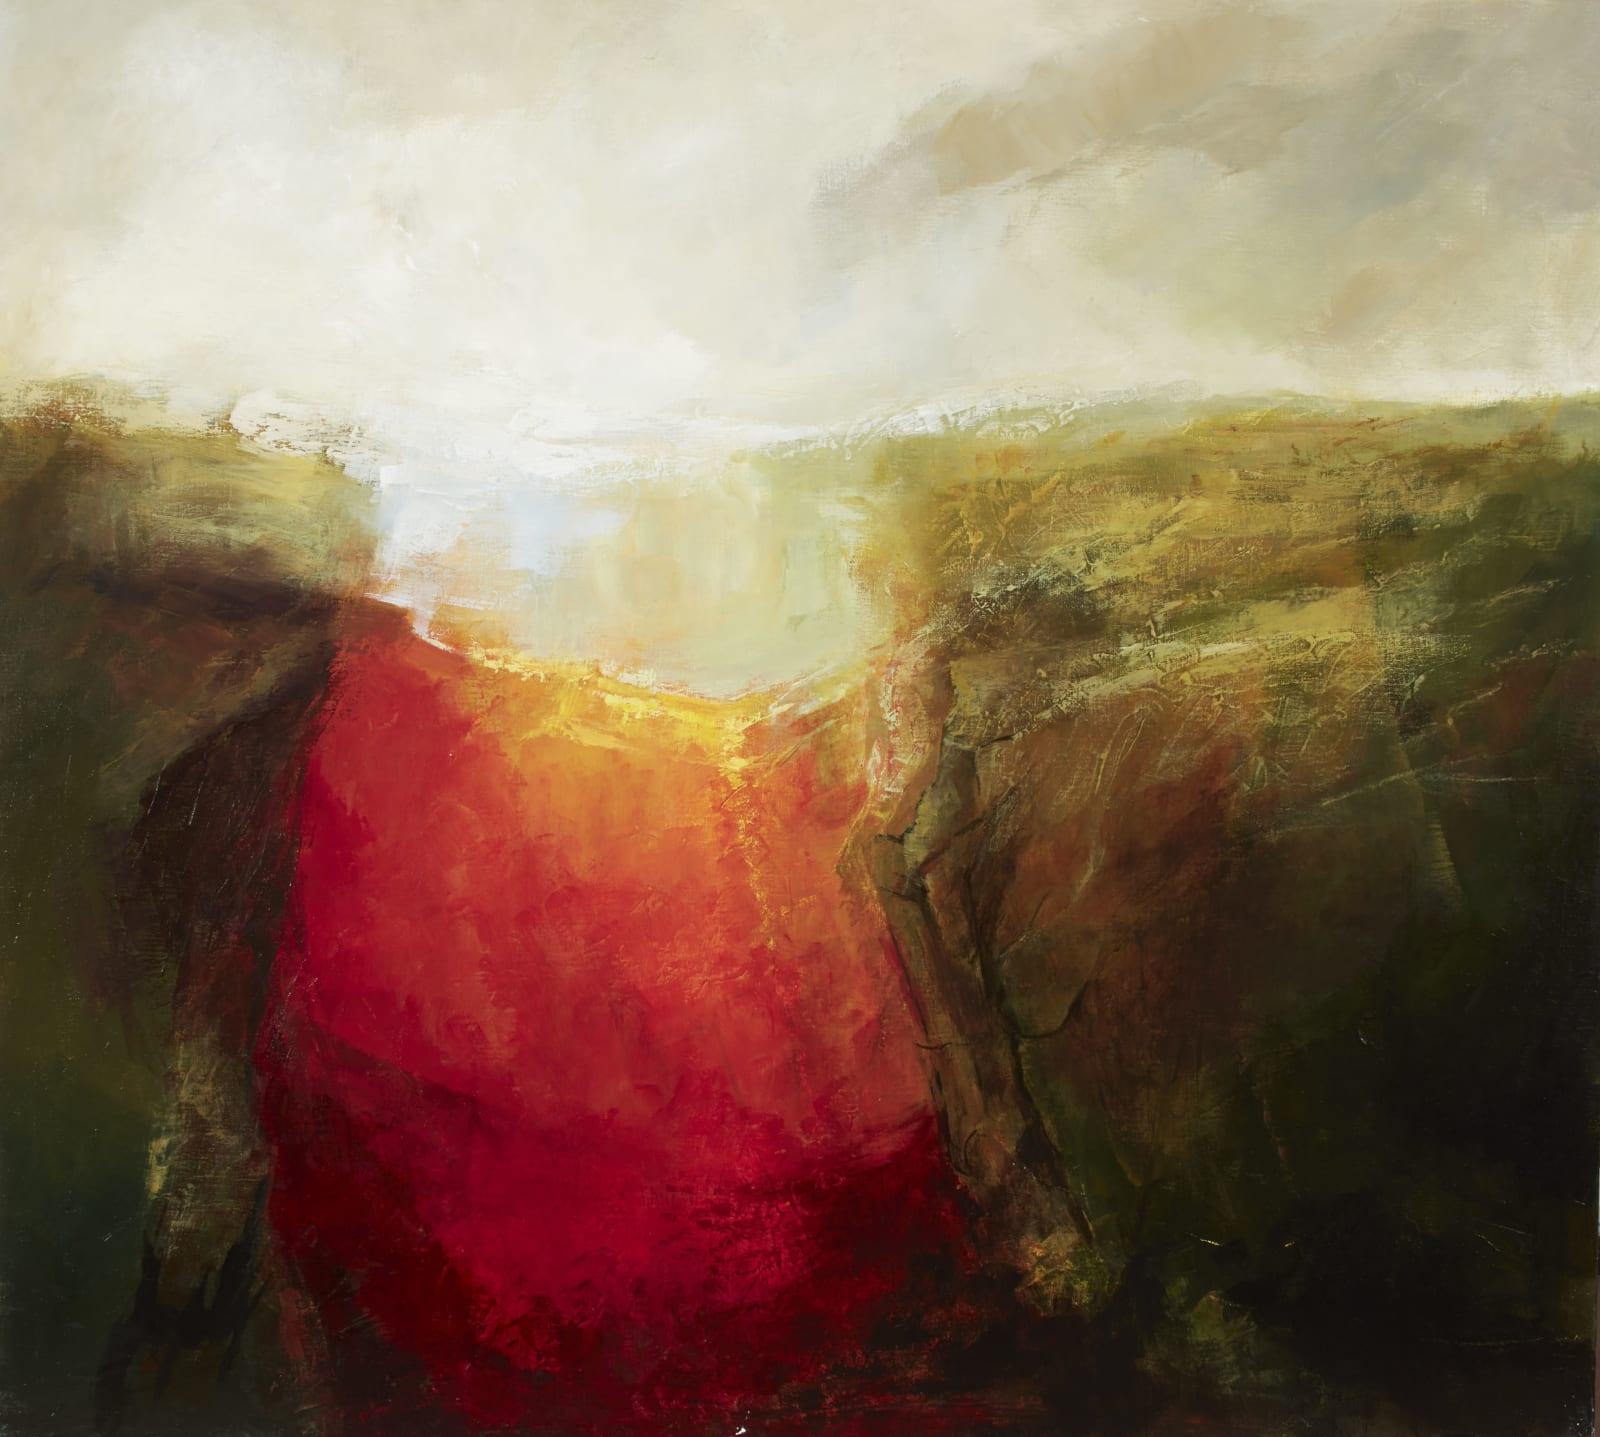 Margaret Egan, Loop Head II